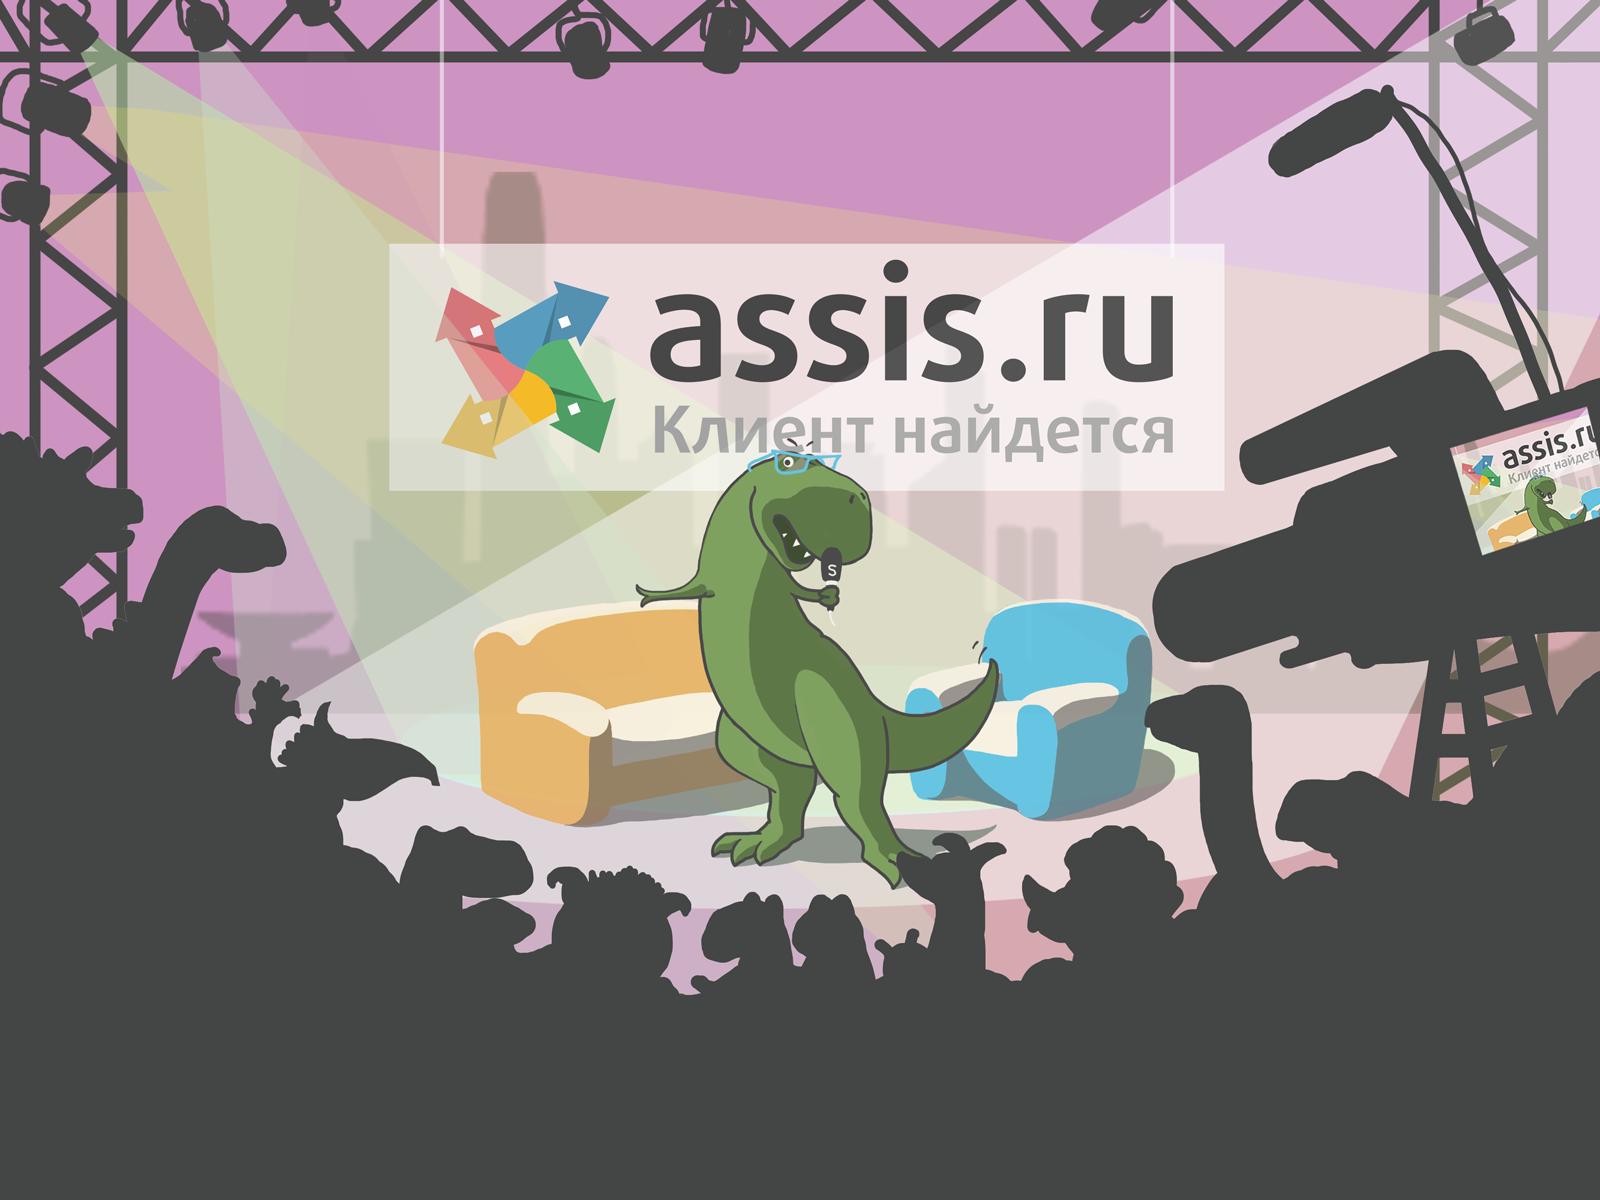 Assis.ru